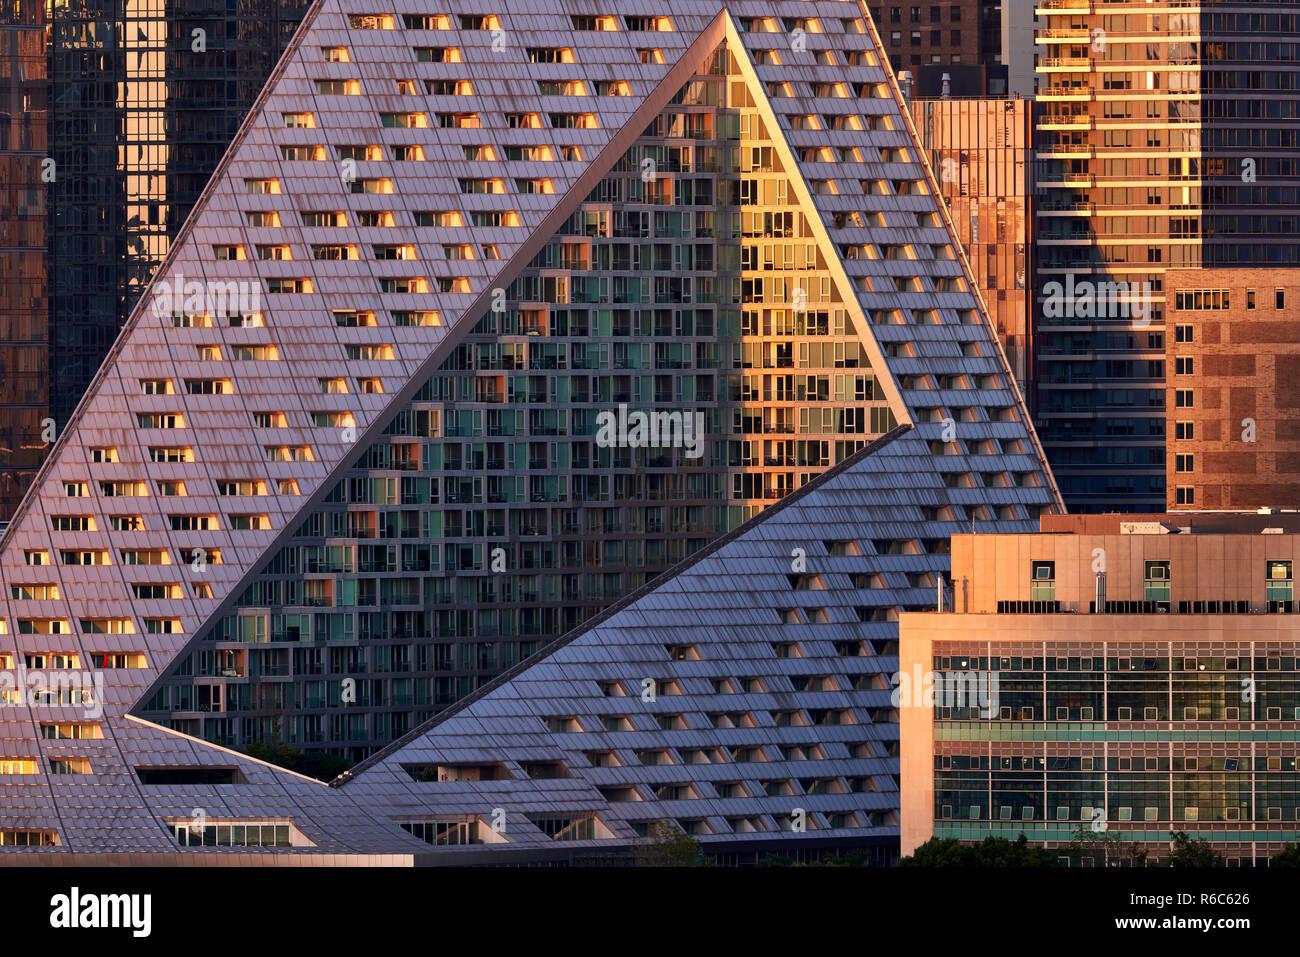 Le complexe d'appartements de luxe Via Ouest 57 avec sa conception unique au coucher du soleil. Midtown West, Manhattan, New York City, USA Photo Stock